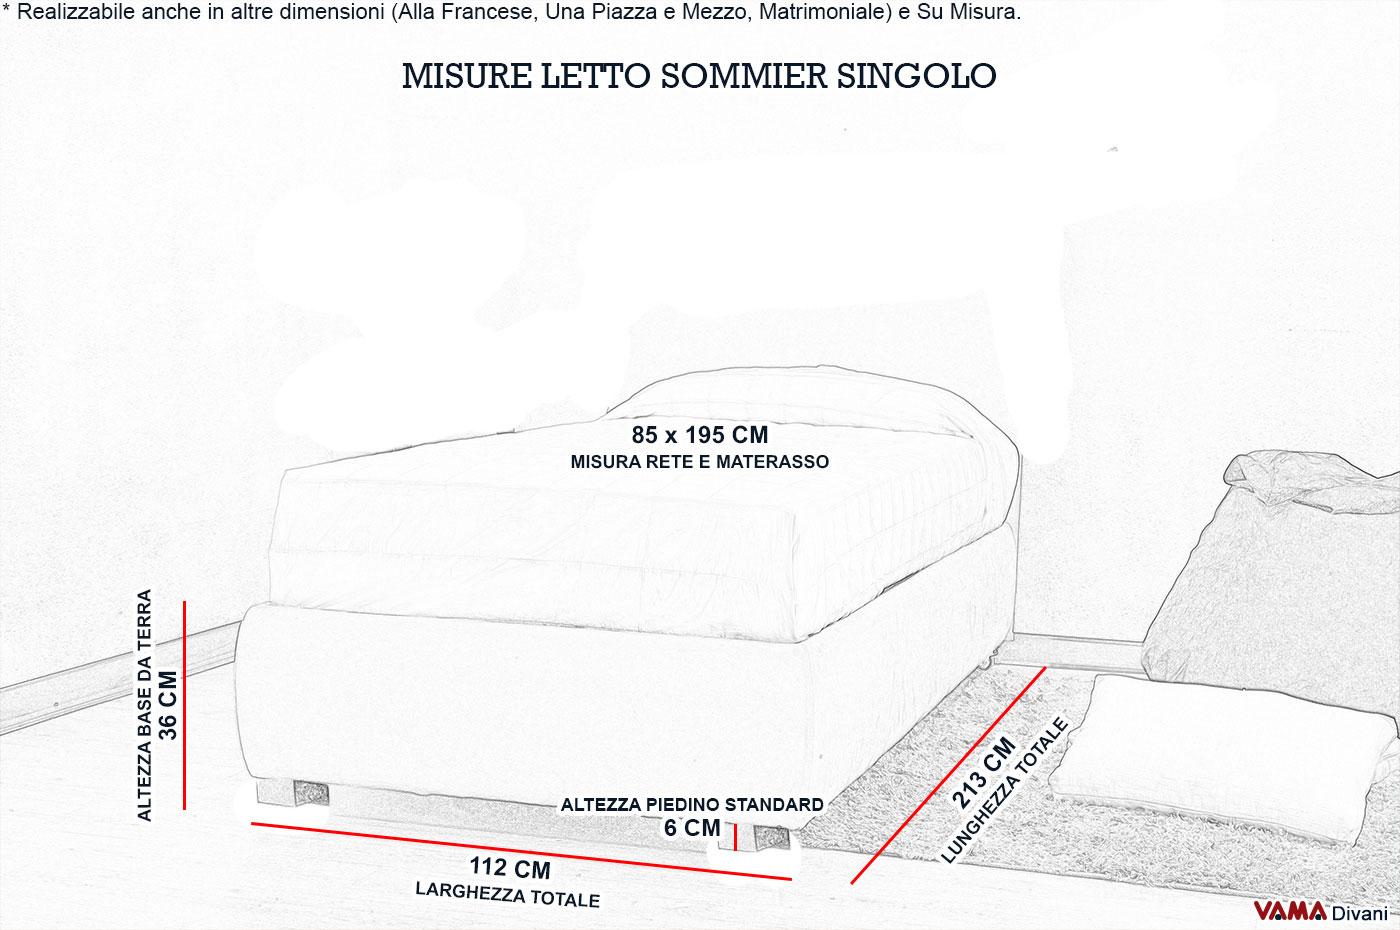 Emejing misure letto singolo contemporary idee - Misura letto singolo standard ...